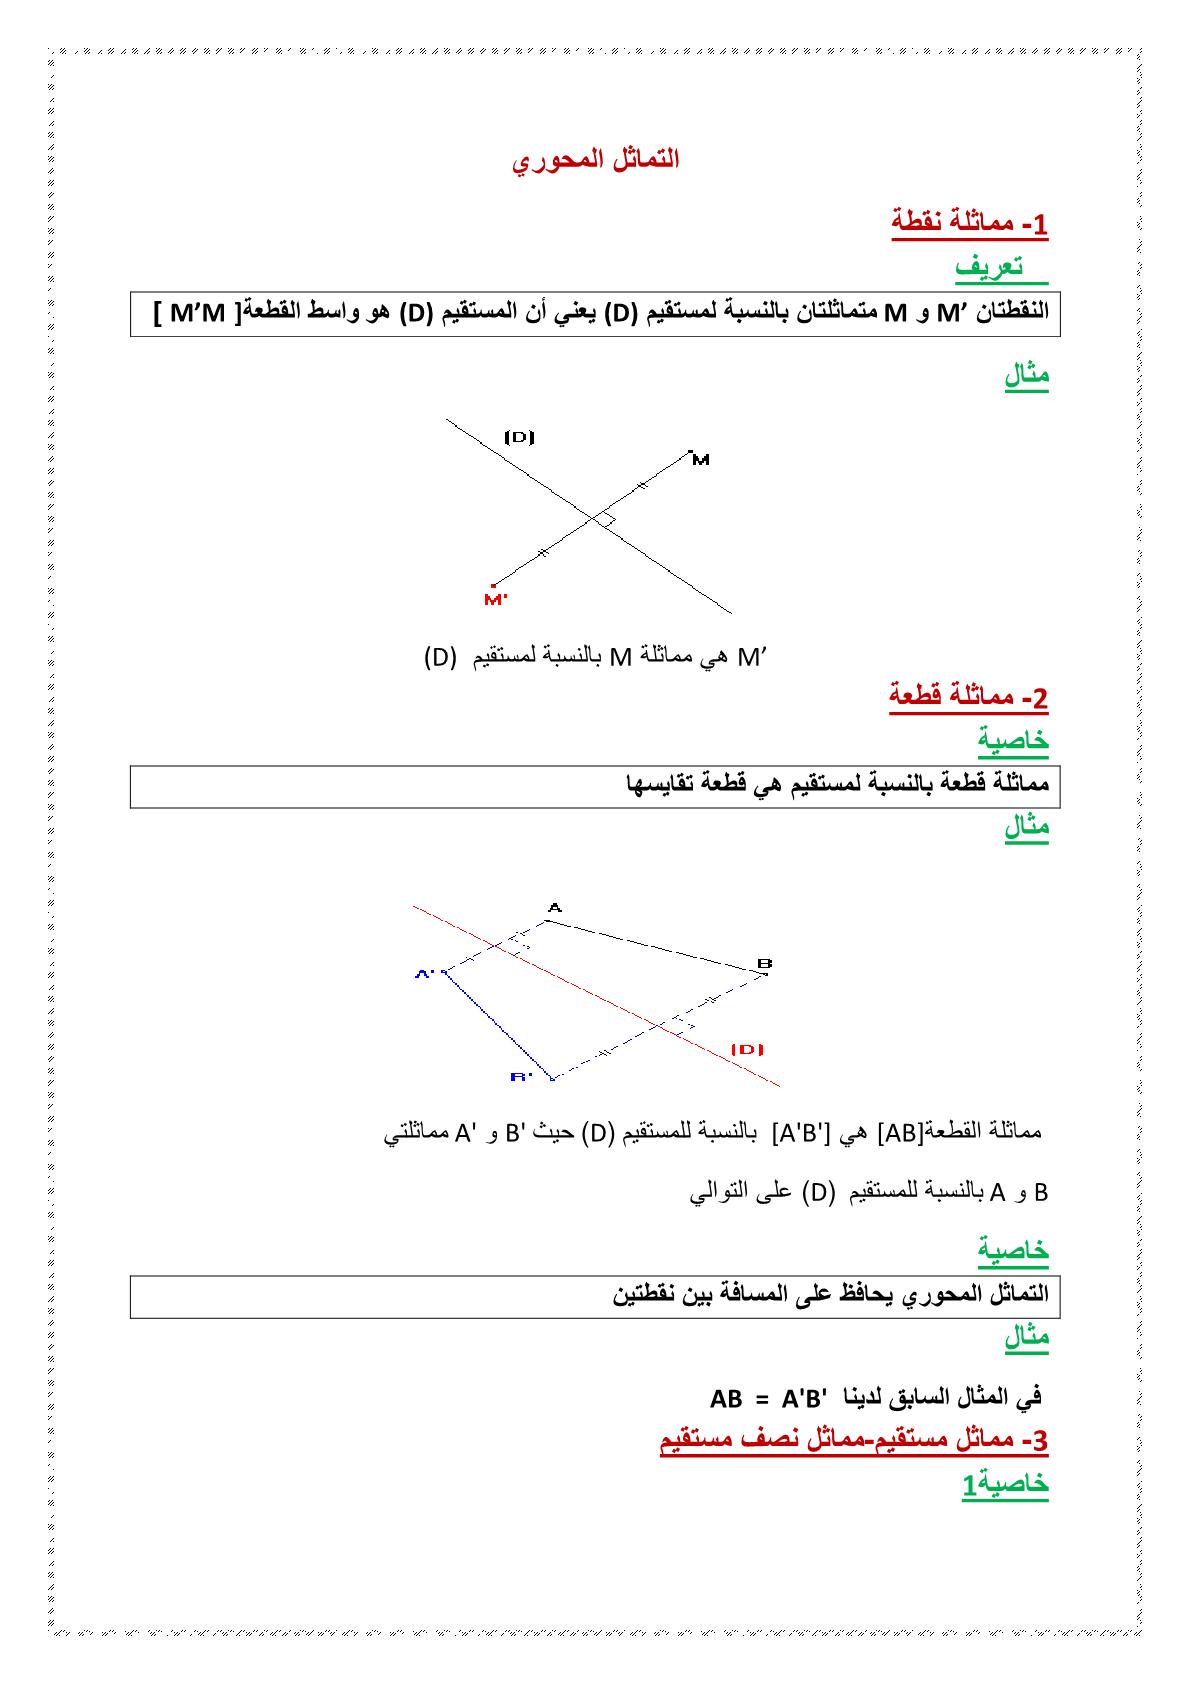 درس التماثل المحوري مادة الرياضيات للسنة الثانية اعدادي